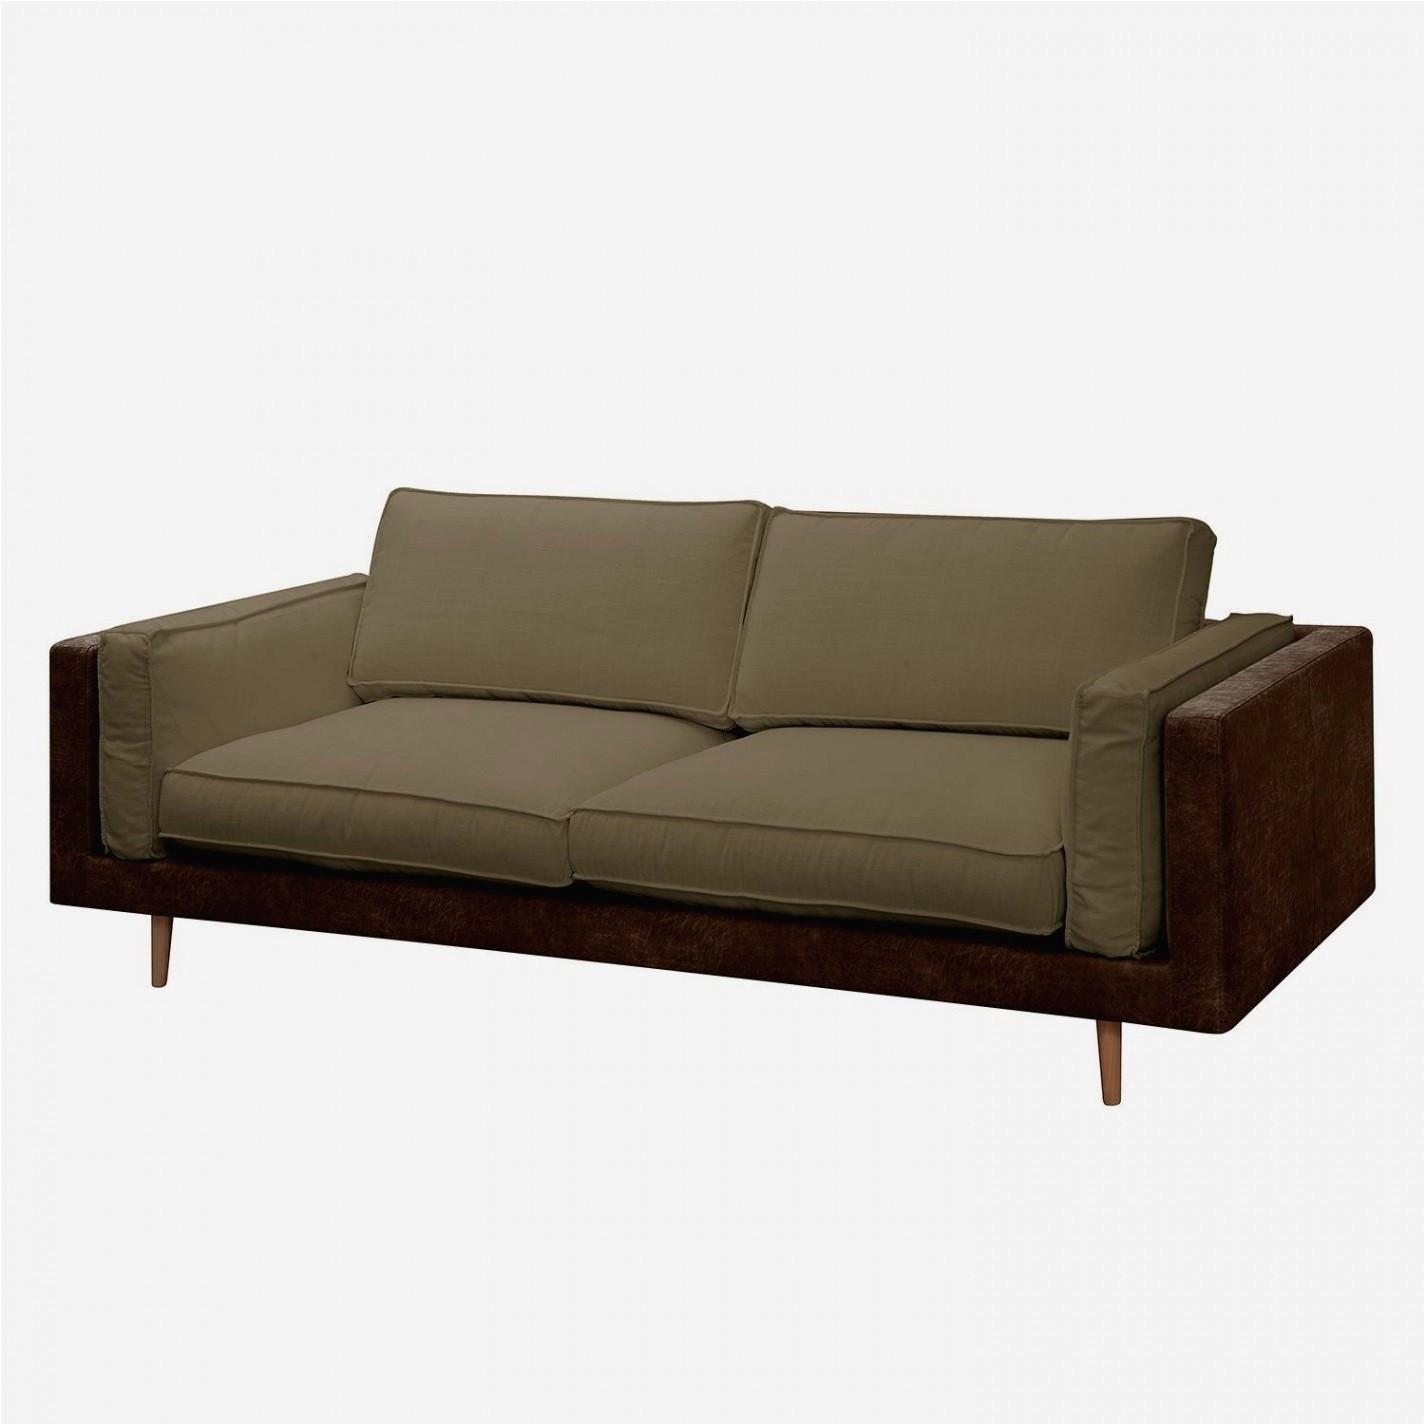 liege couch inspirierend kunstleder sofa braun strahlend bambus sofa 0d archives sammlung of liege couch luxus